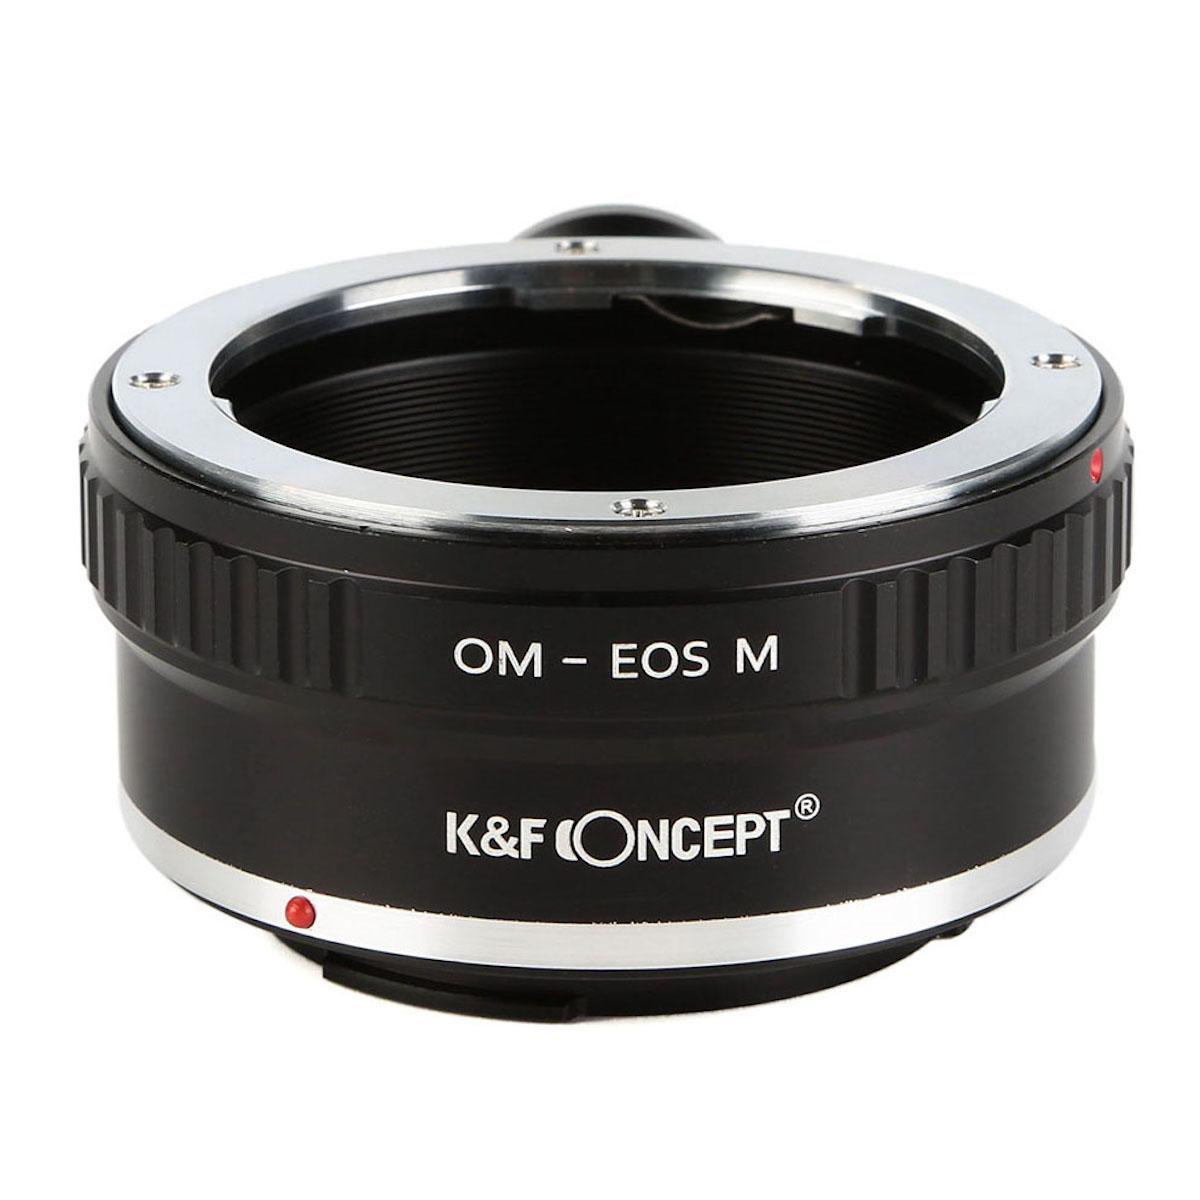 格安店 KF 実物 CONCEPT Concept レンズマウントアダプター KF-OMEM-T キャノンEF-Mマウント変換 オリンパスOMマウントレンズ → 三脚座付き